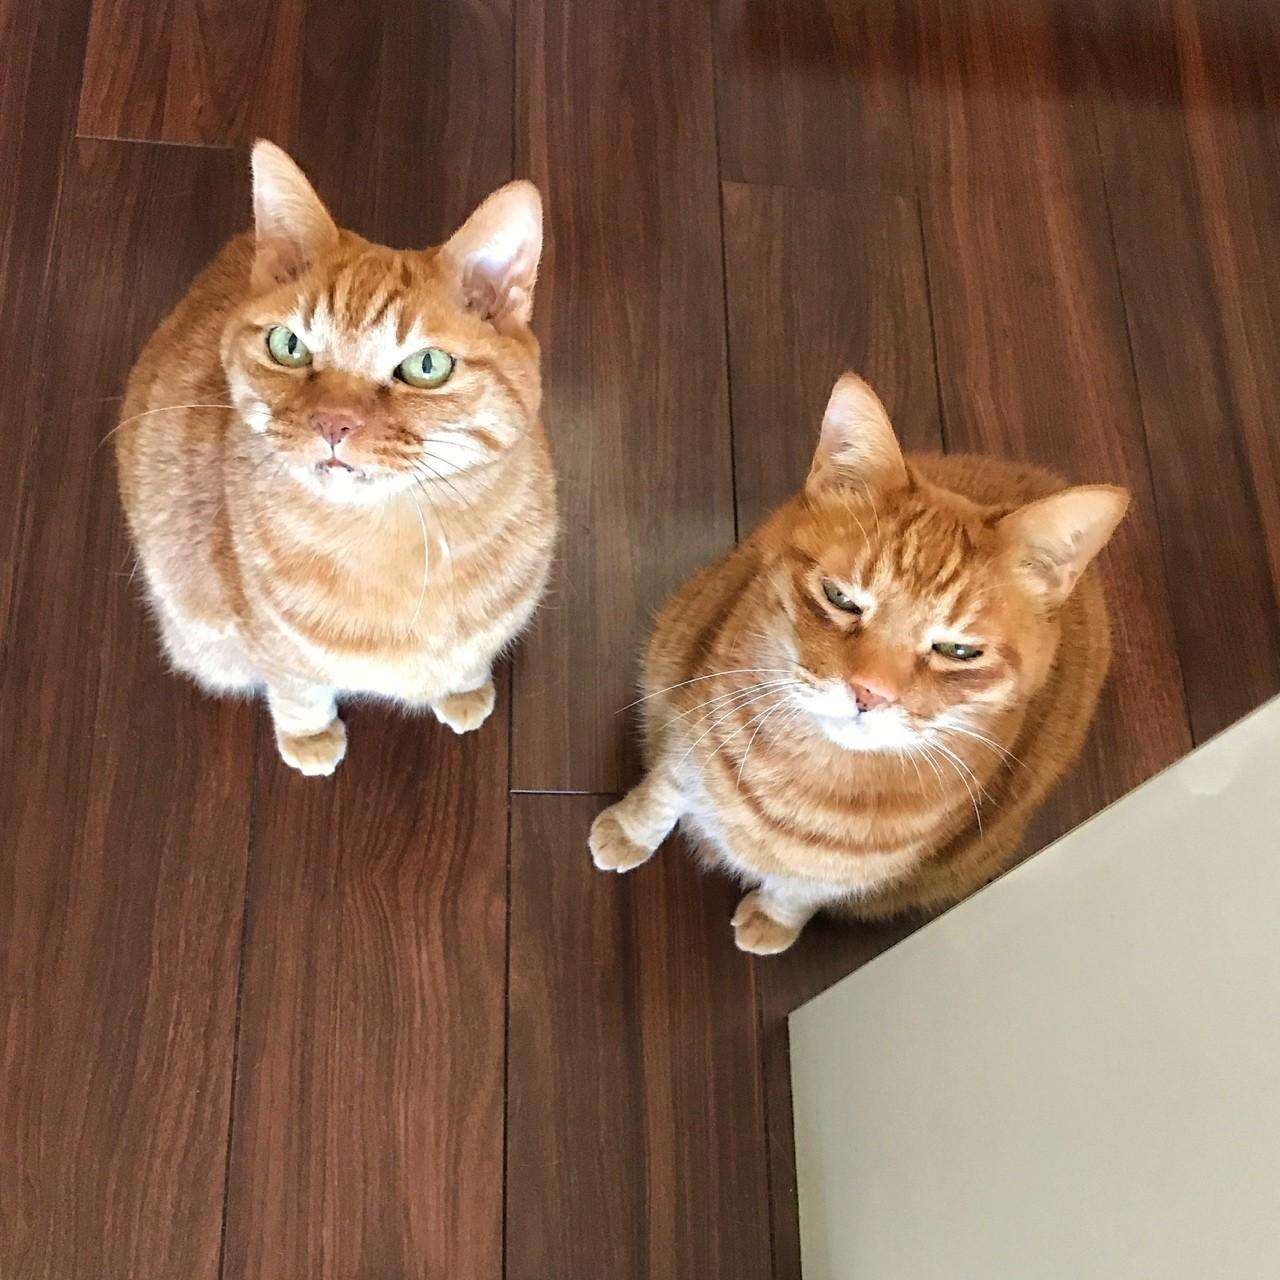 ボクとチビです。イレギュラーでママが先に仕事へ、残っていたパパも出て行こうとしたらニャー!ニャー!鳴いてこの顔。私もネコに必要とされてました。